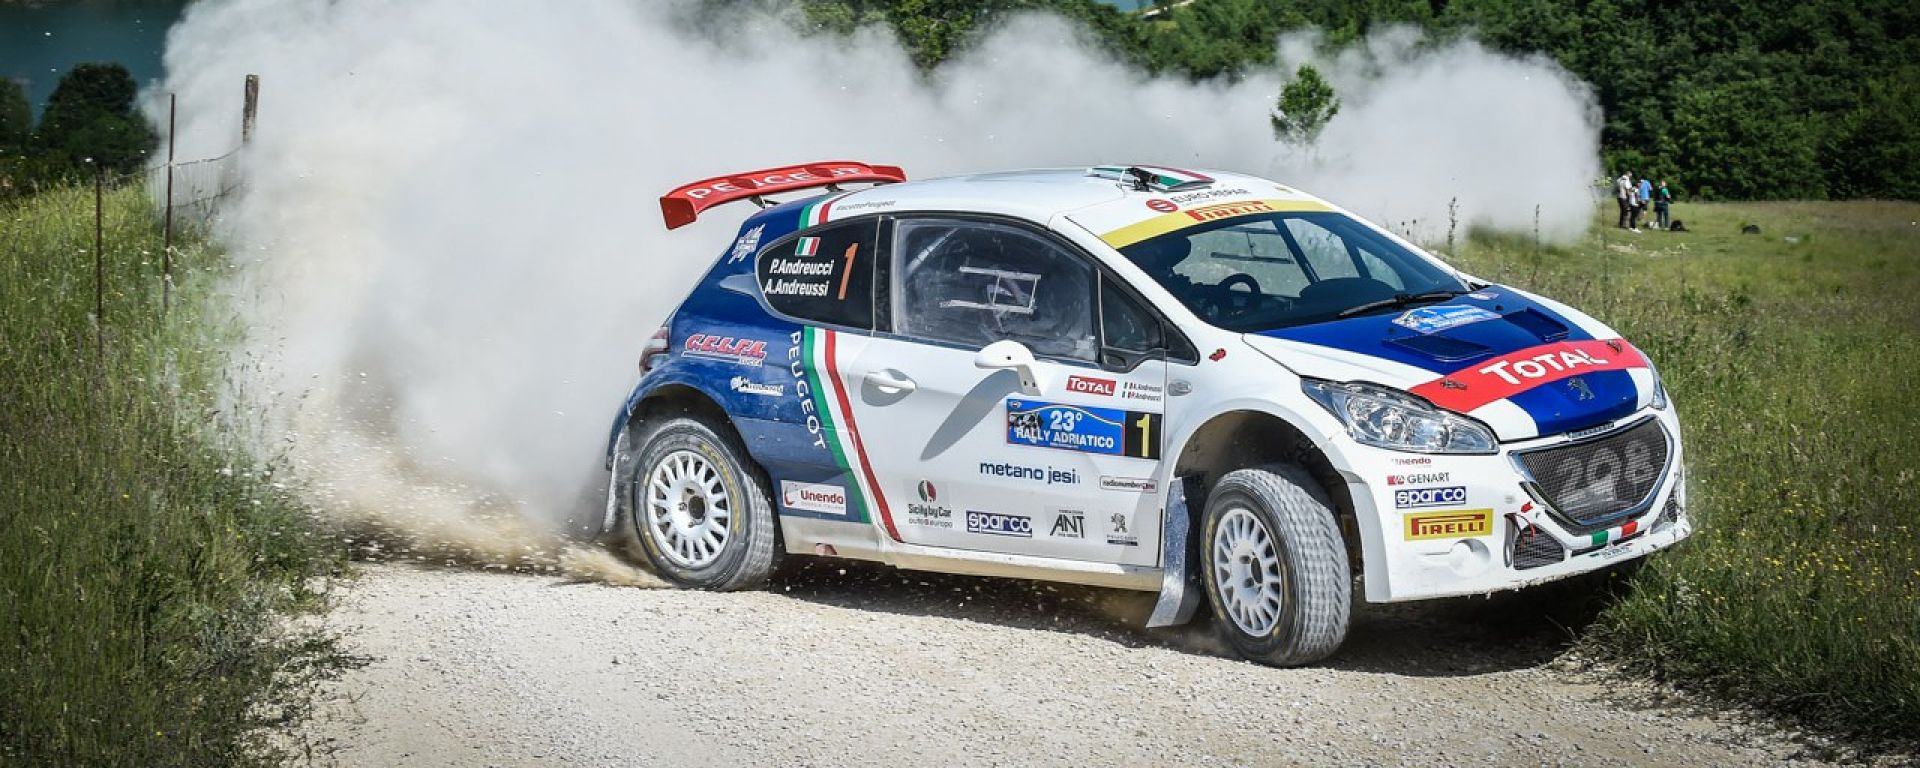 CIR 2016: Andreucci e Testa pronti per il Rally di San Marino